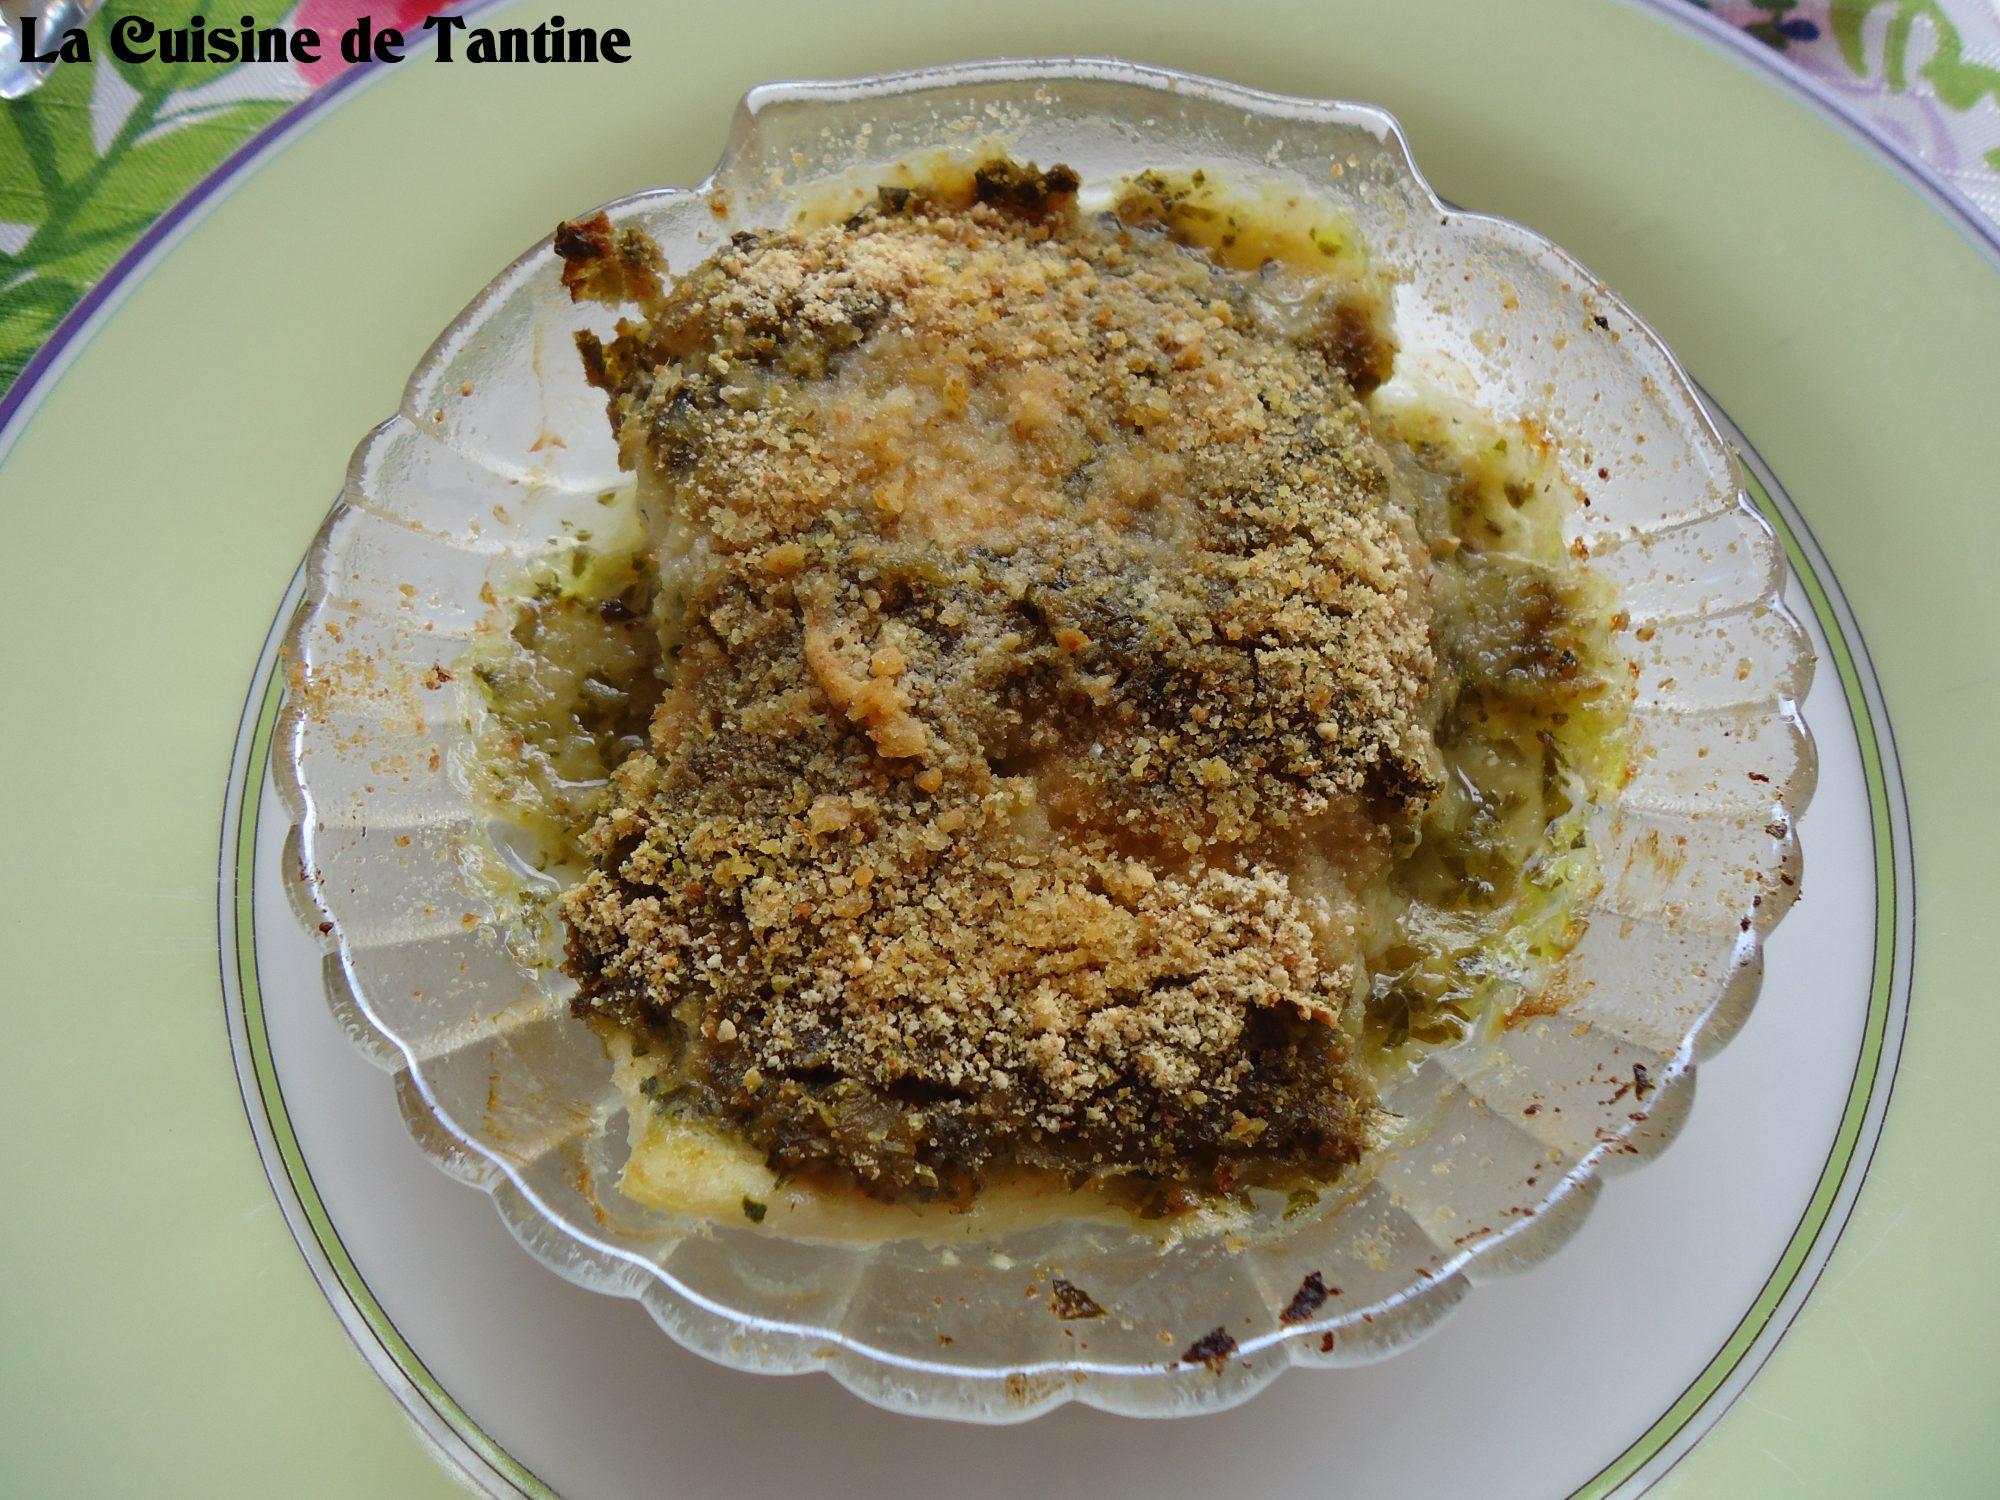 Poisson la bordelaise cuisine de tantine - Cuisine bordelaise ...